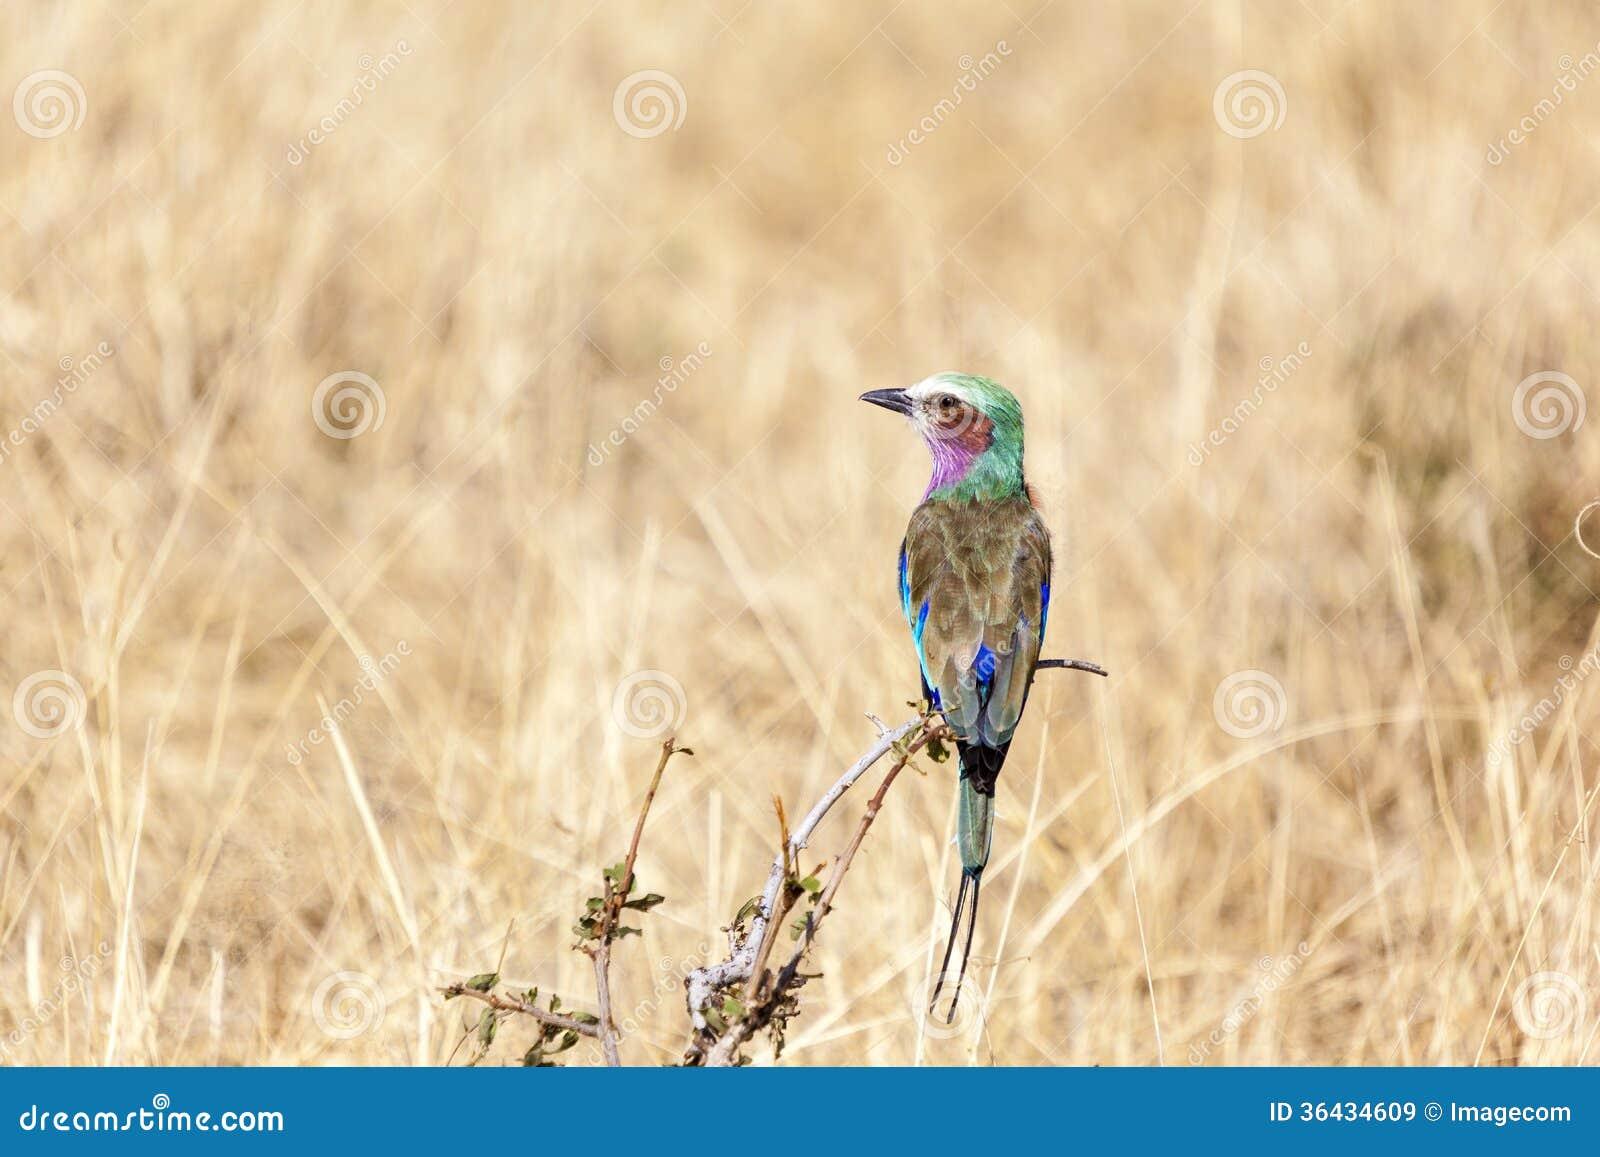 sekretär vogel tansania ~ lila breastedrollenvogel in tansania lizenzfreie